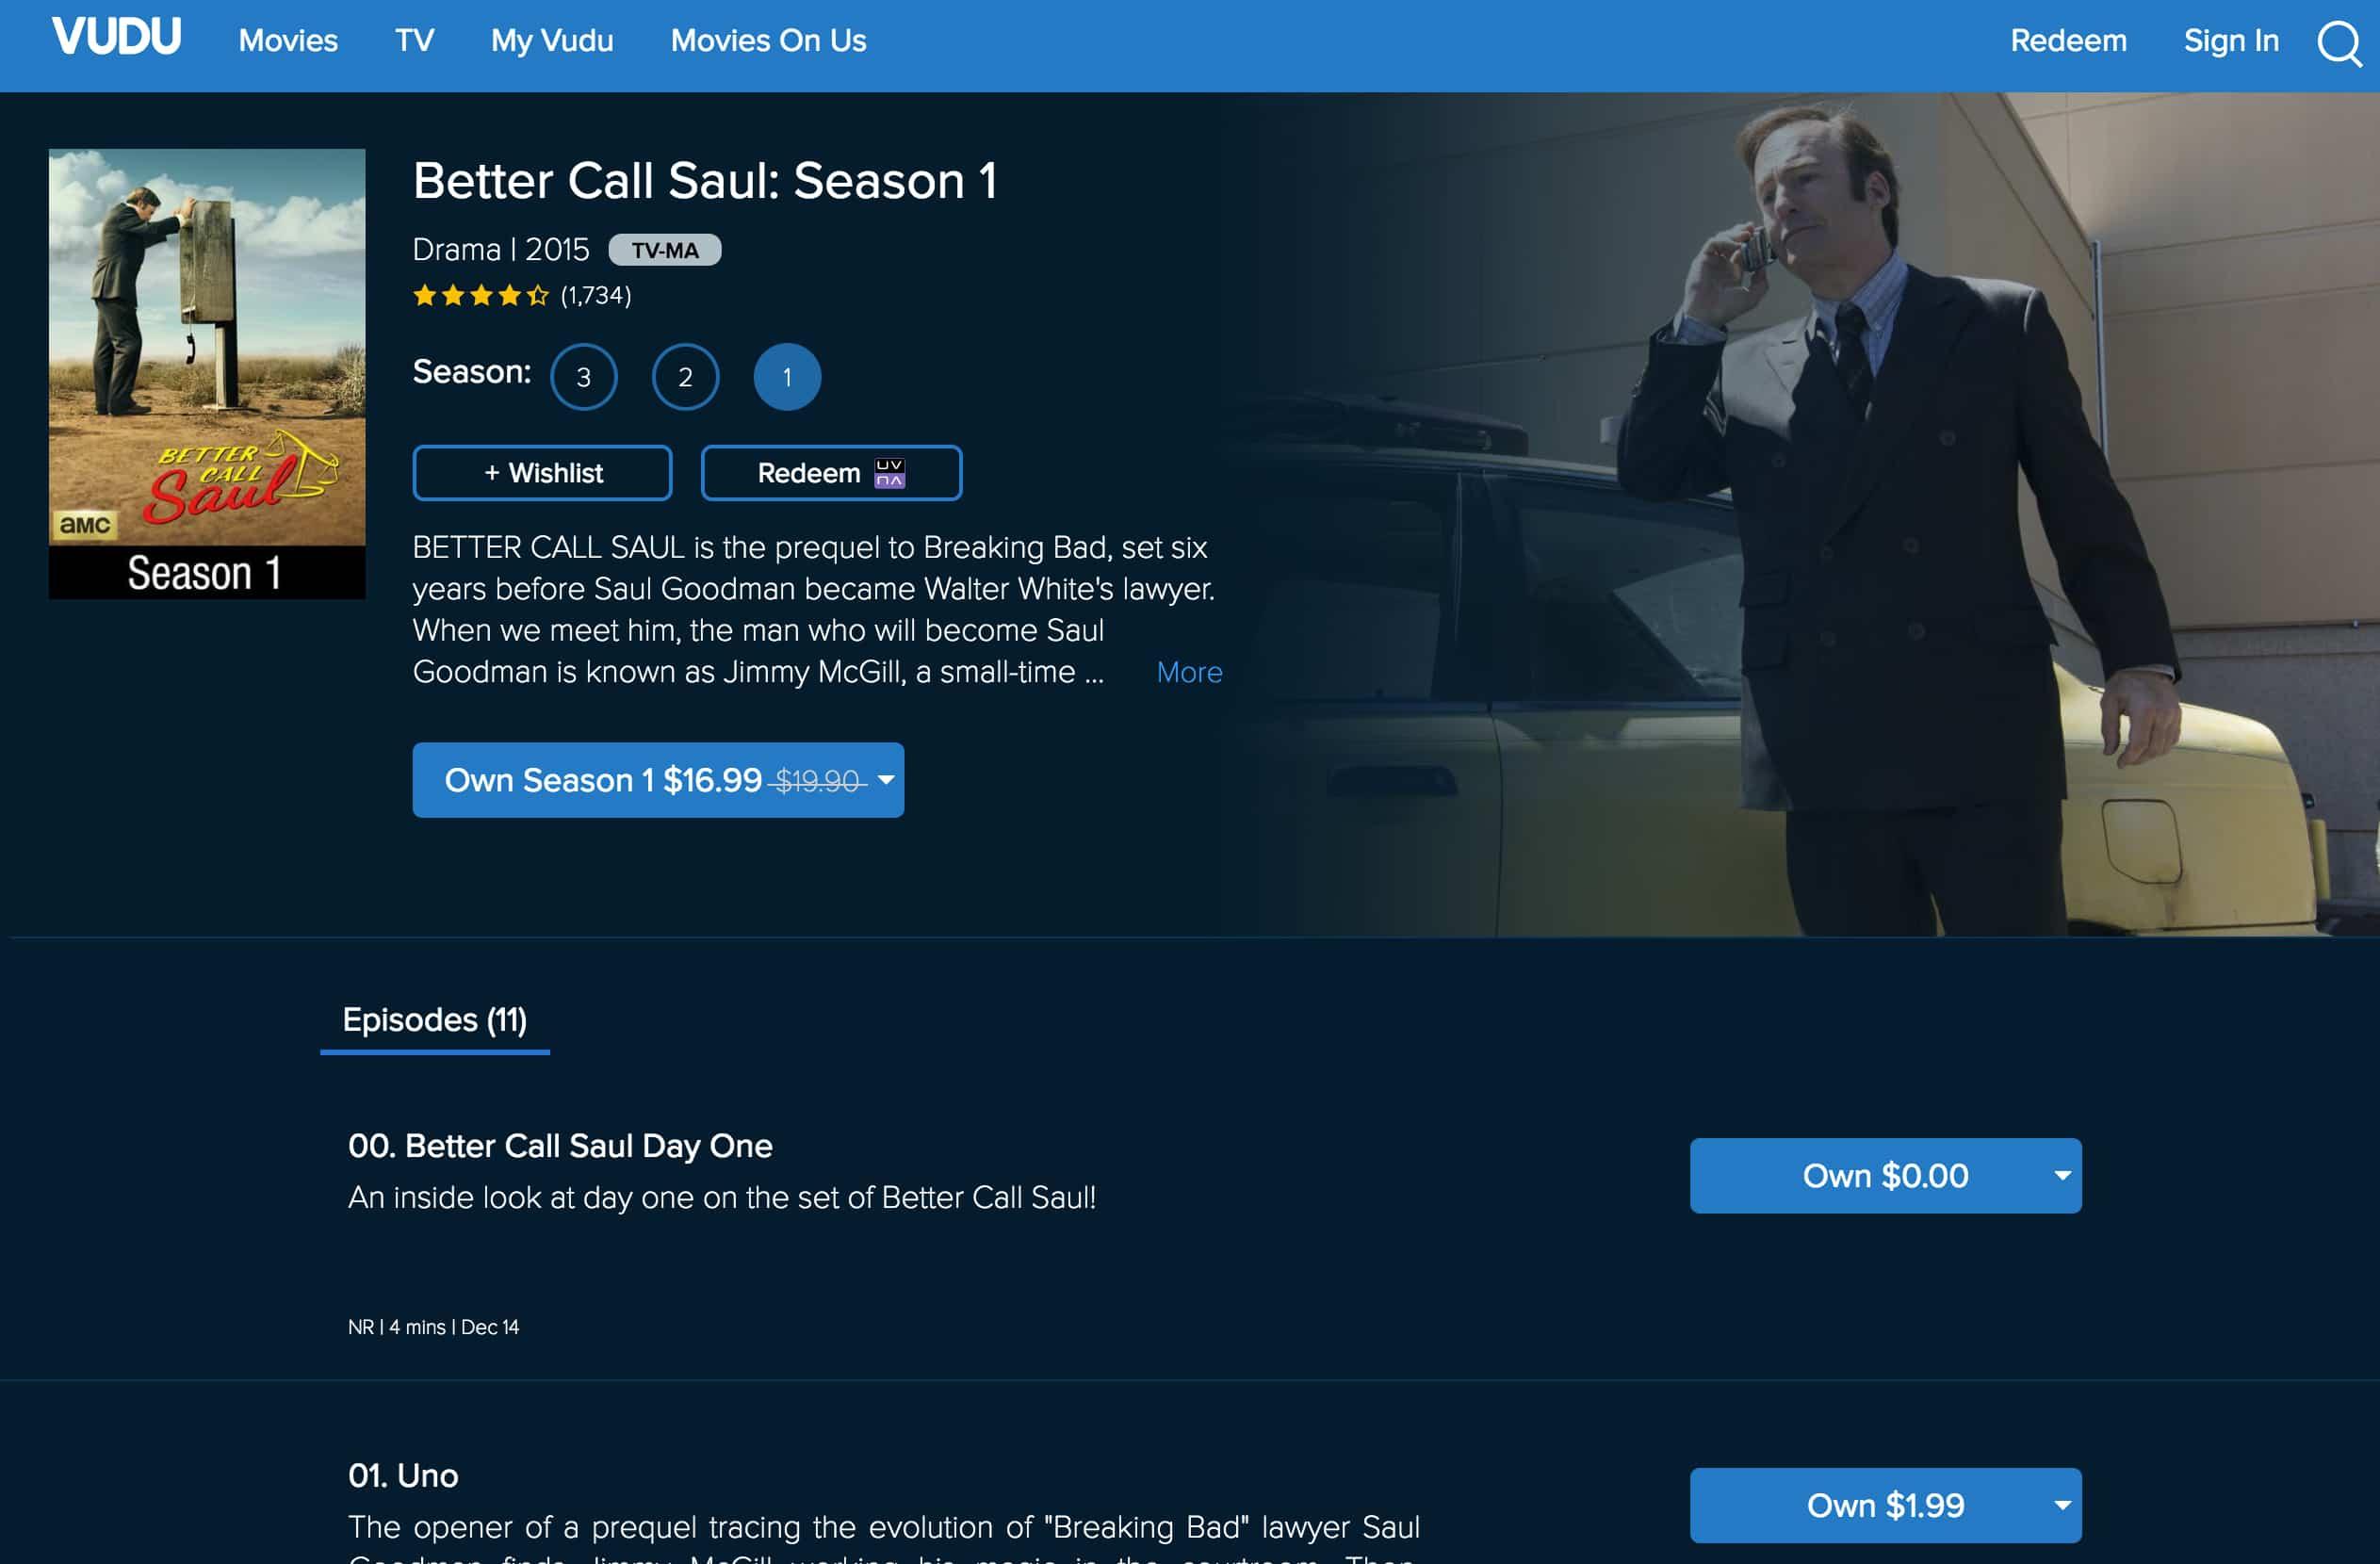 Better Call Saul Vudu Season 1